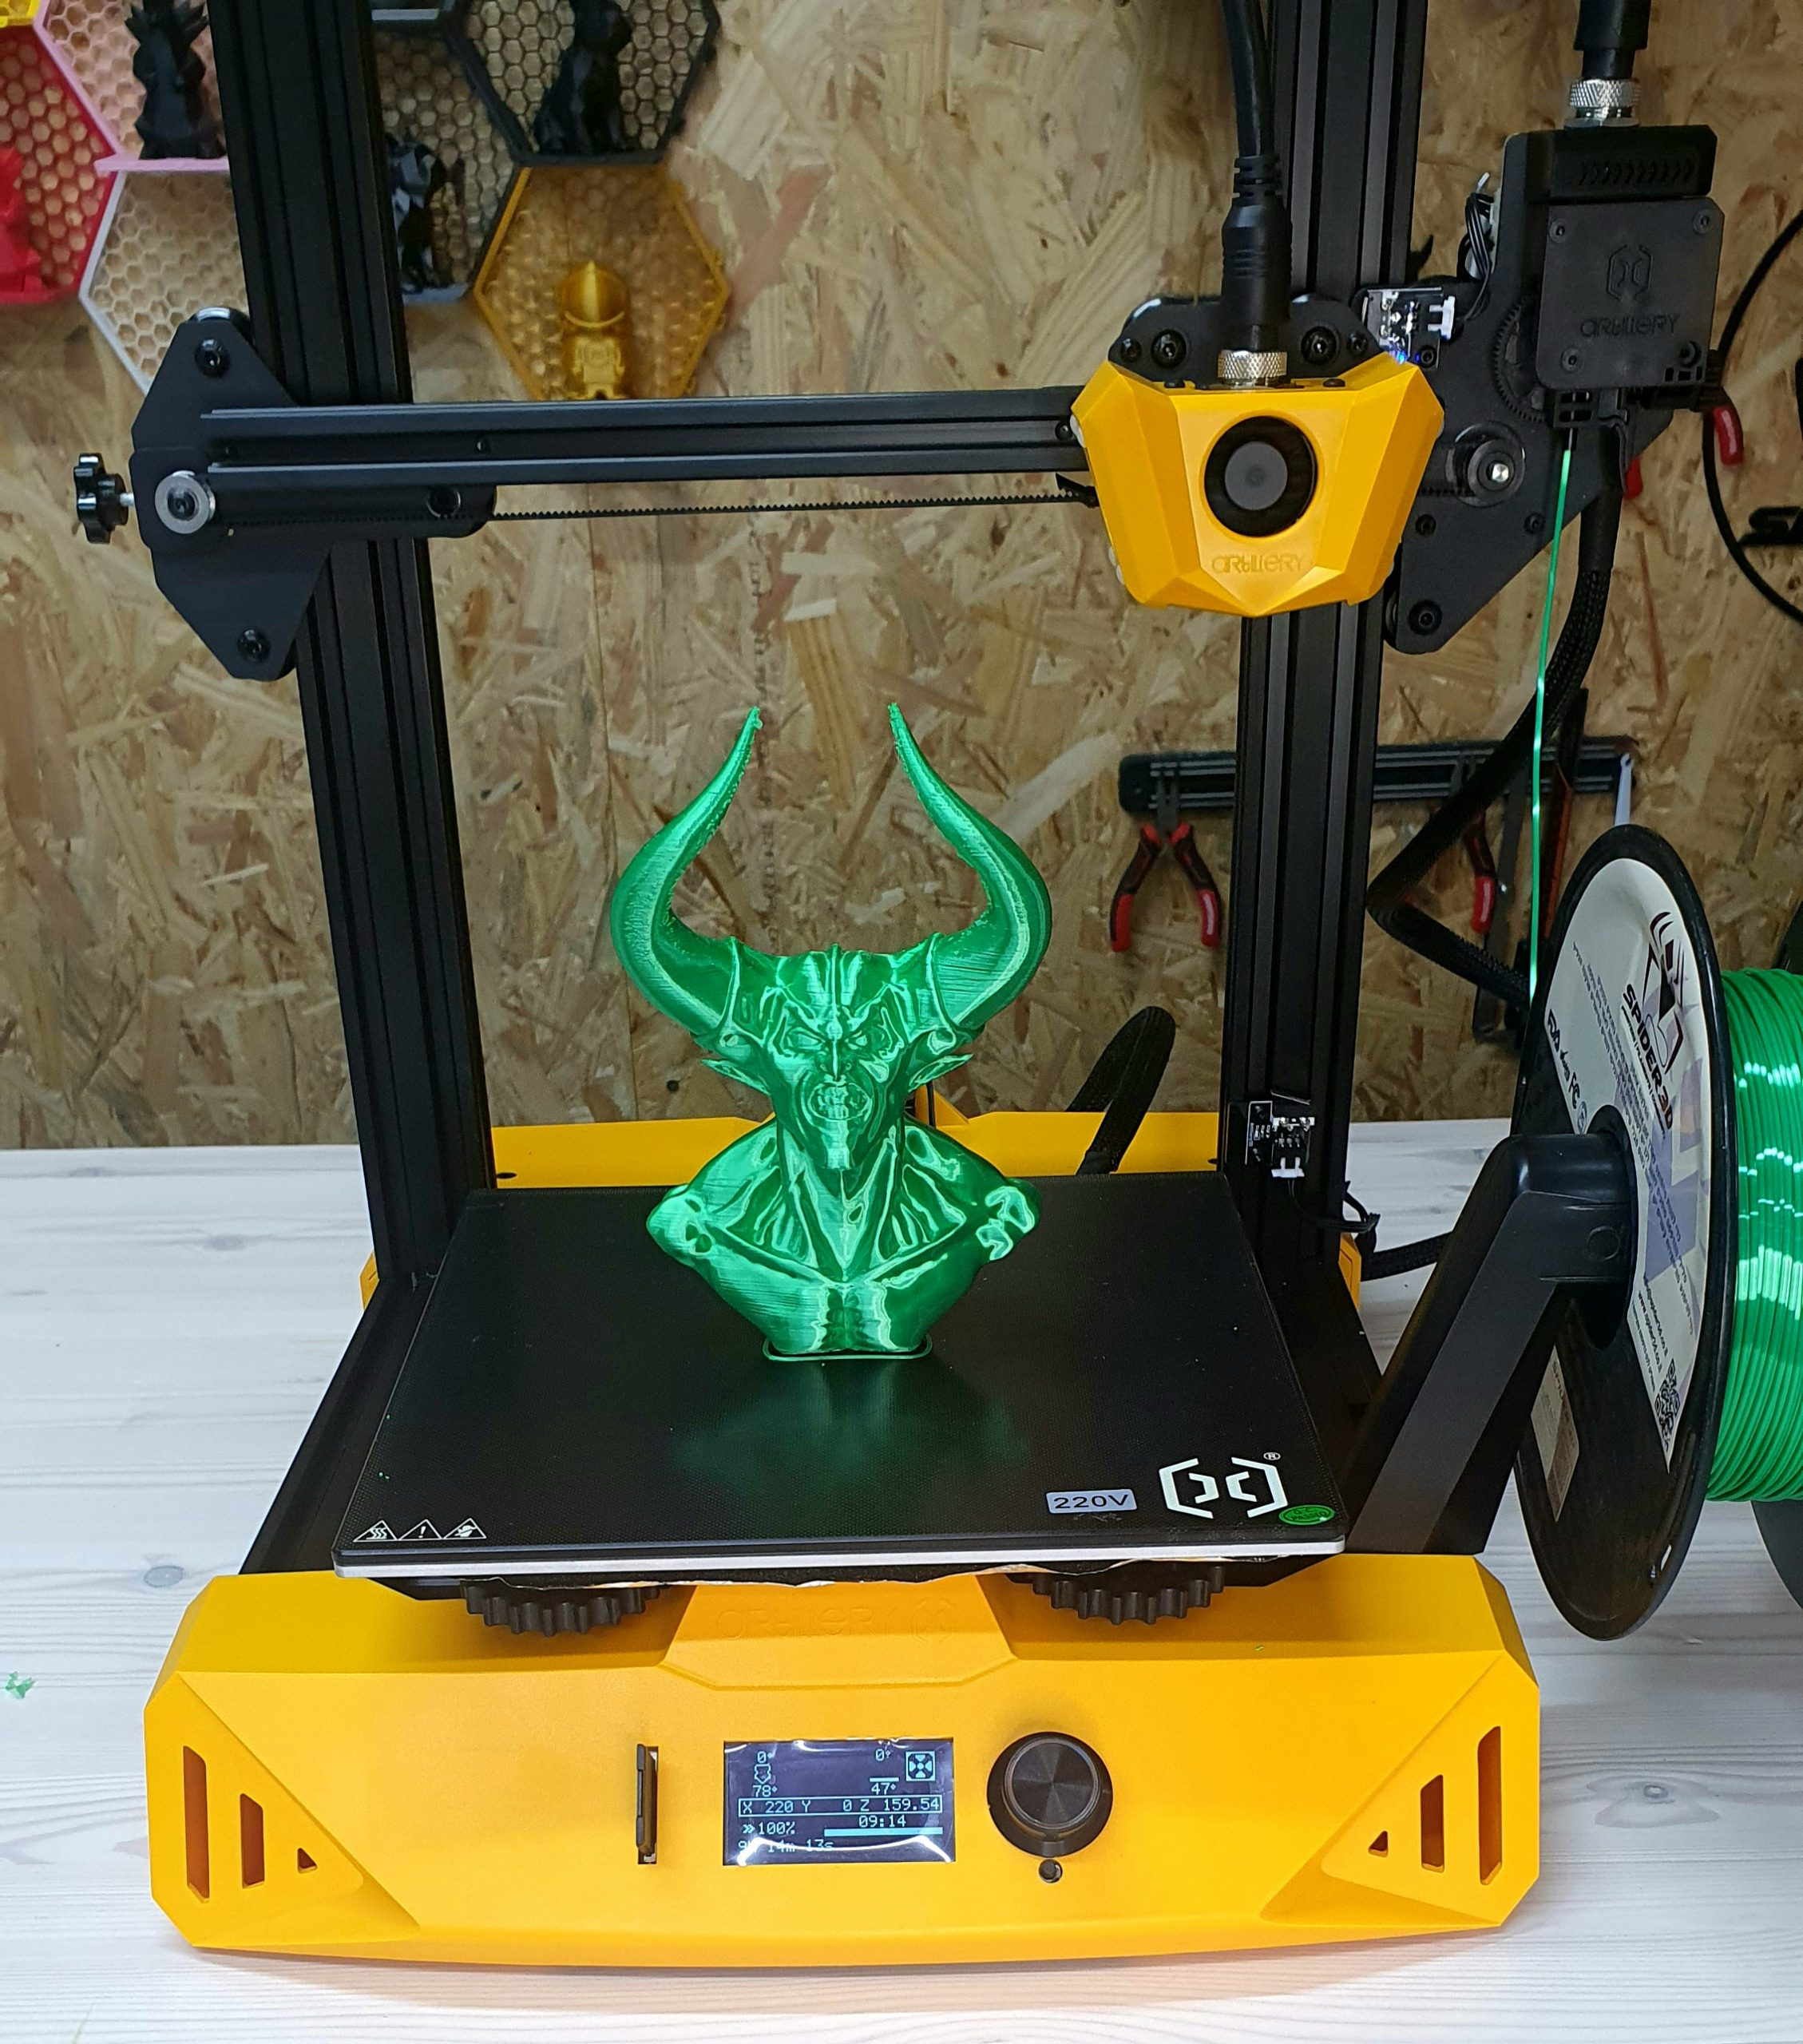 מדפסת תלת מימד זולה מומלצת